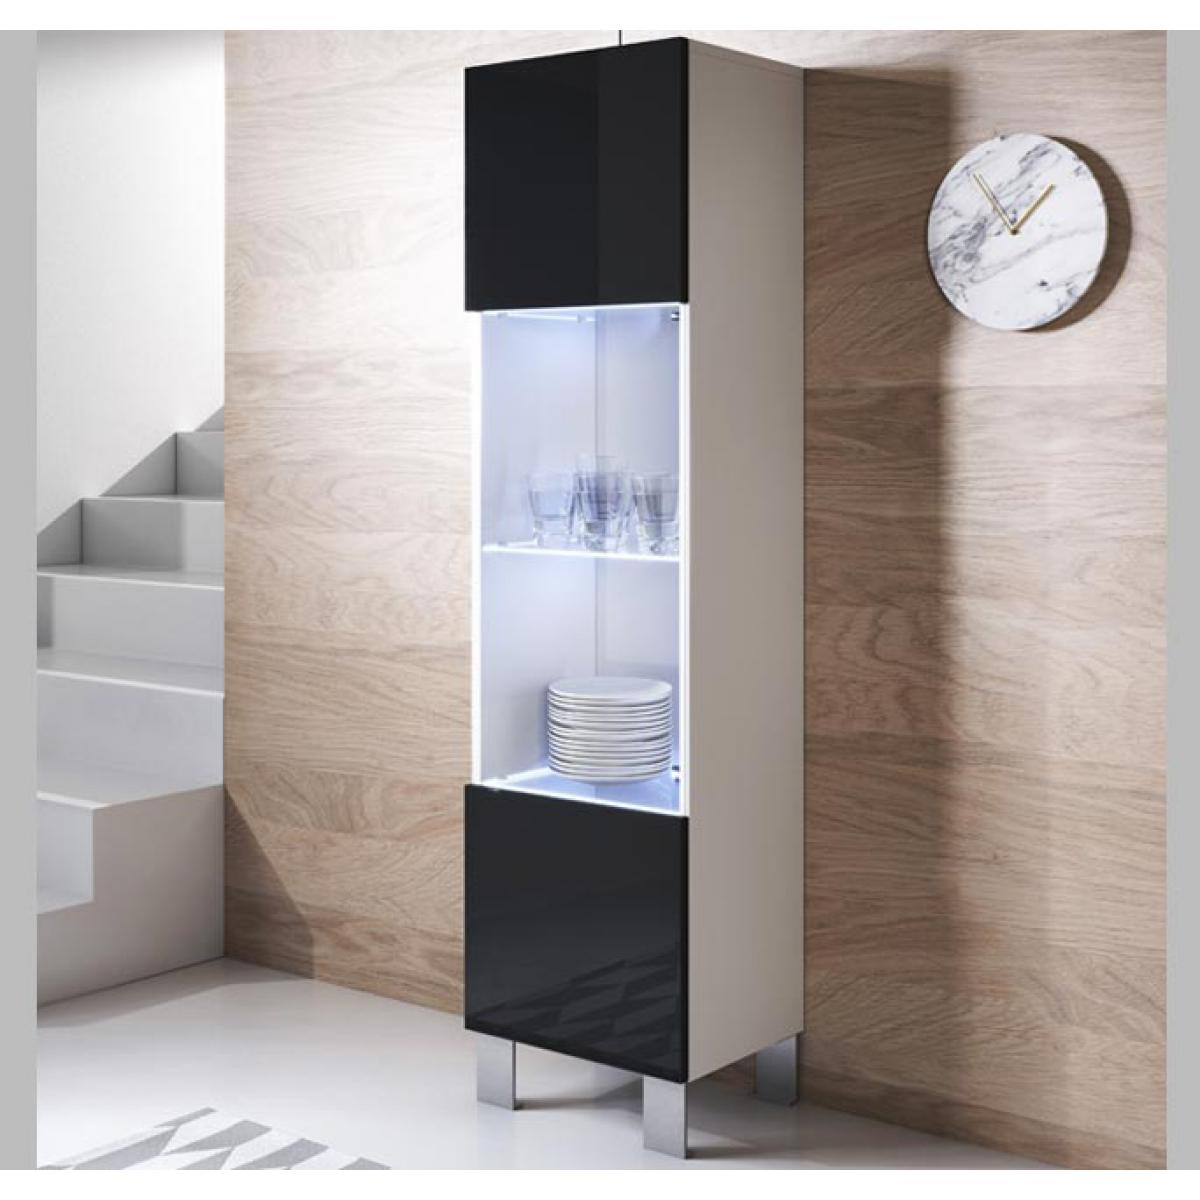 Design Ameublement Vitrine modèle Luke V6 (40x177cm) couleur blanc et noir avec pieds en aluminium